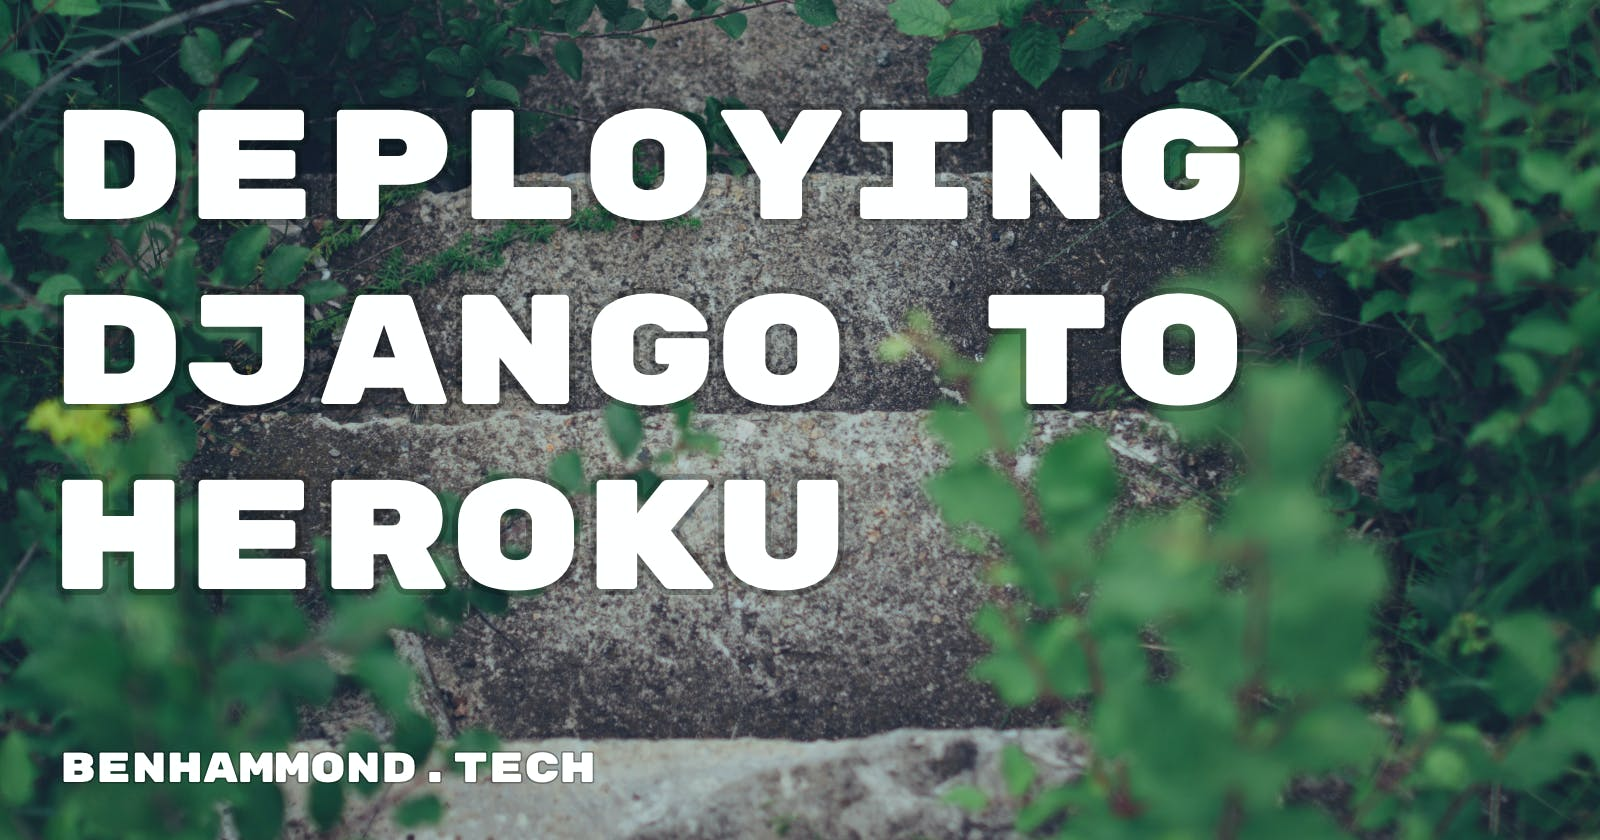 Deploying Django to Heroku